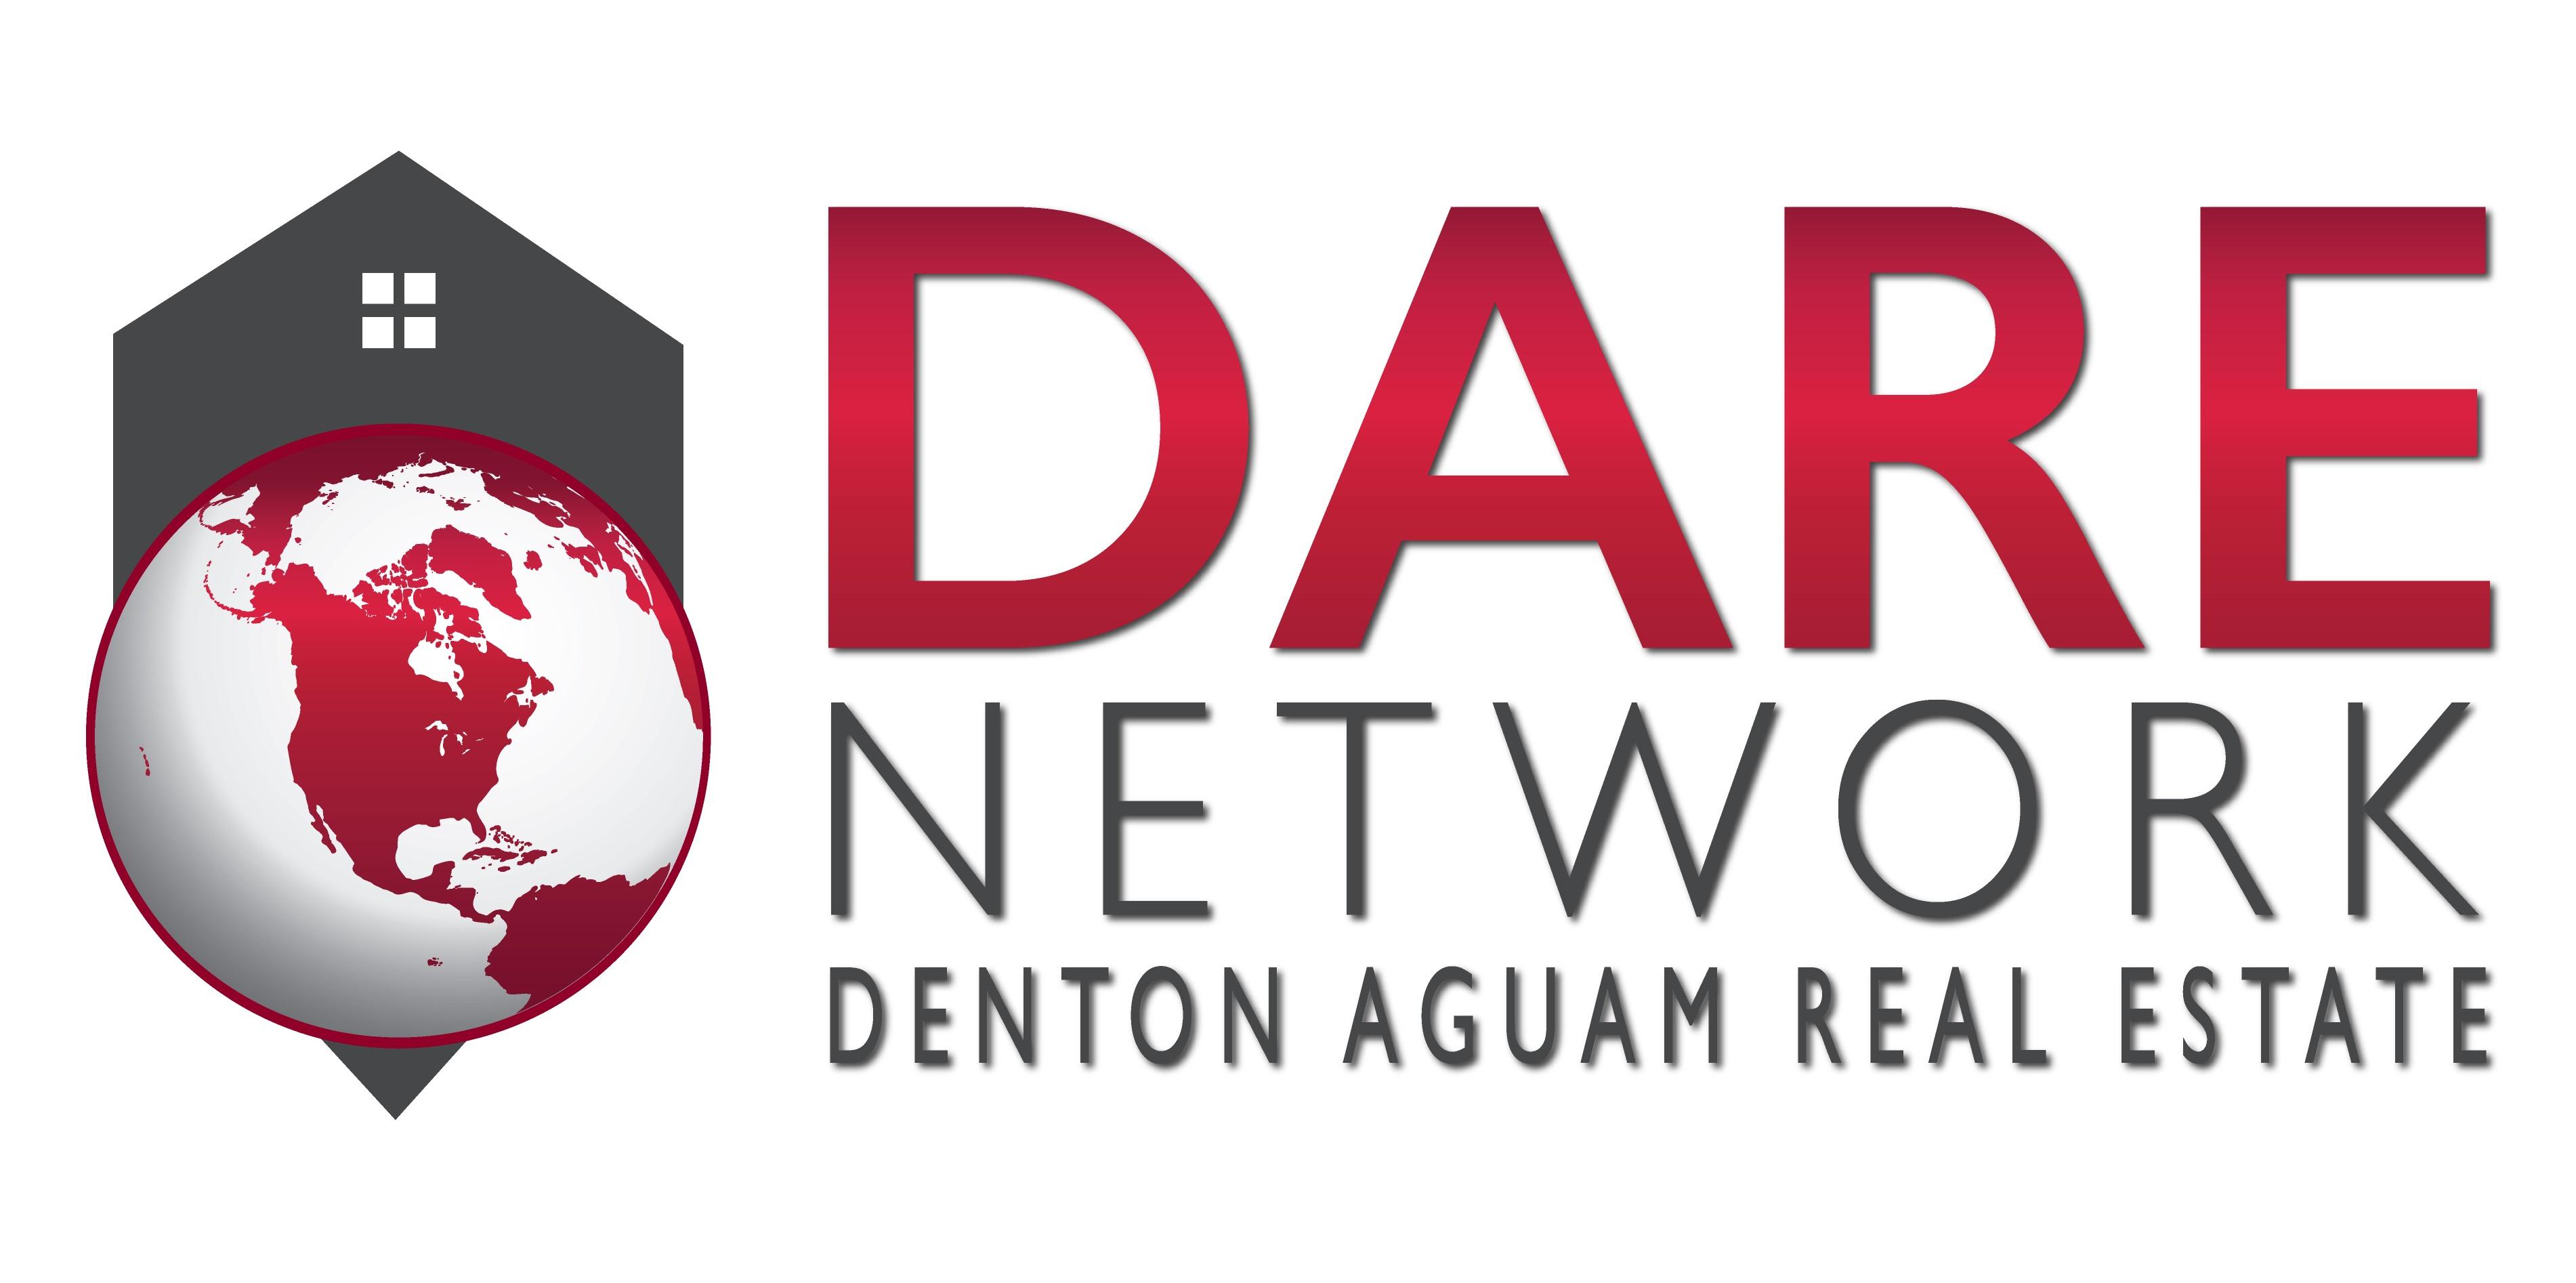 The DARE Network logo